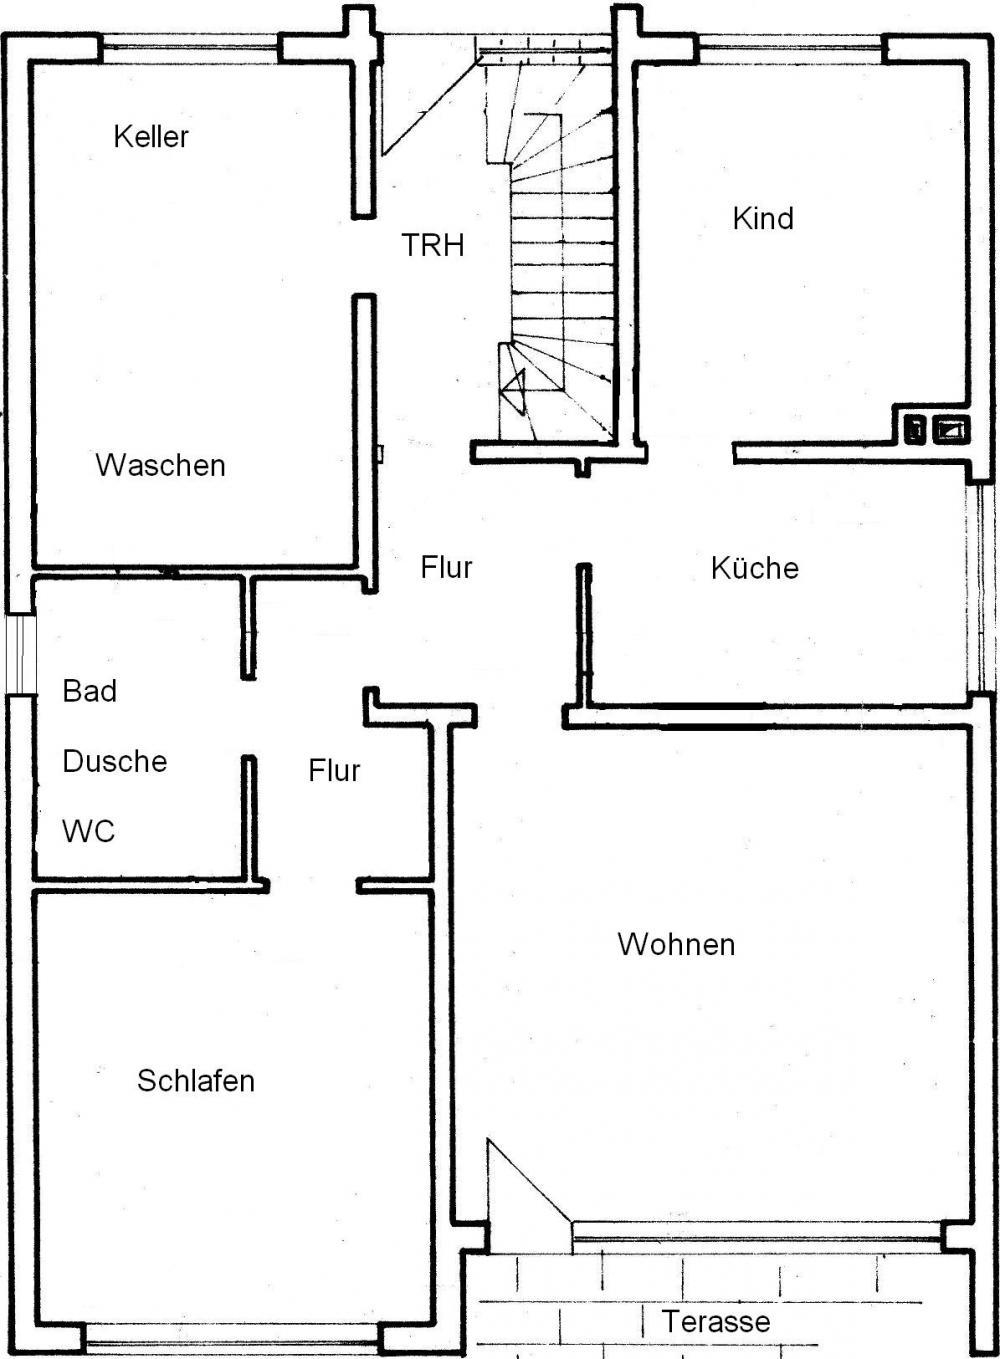 3 Zimmer Erdgeschosswohnung In Elz Zu Vermieten 473827